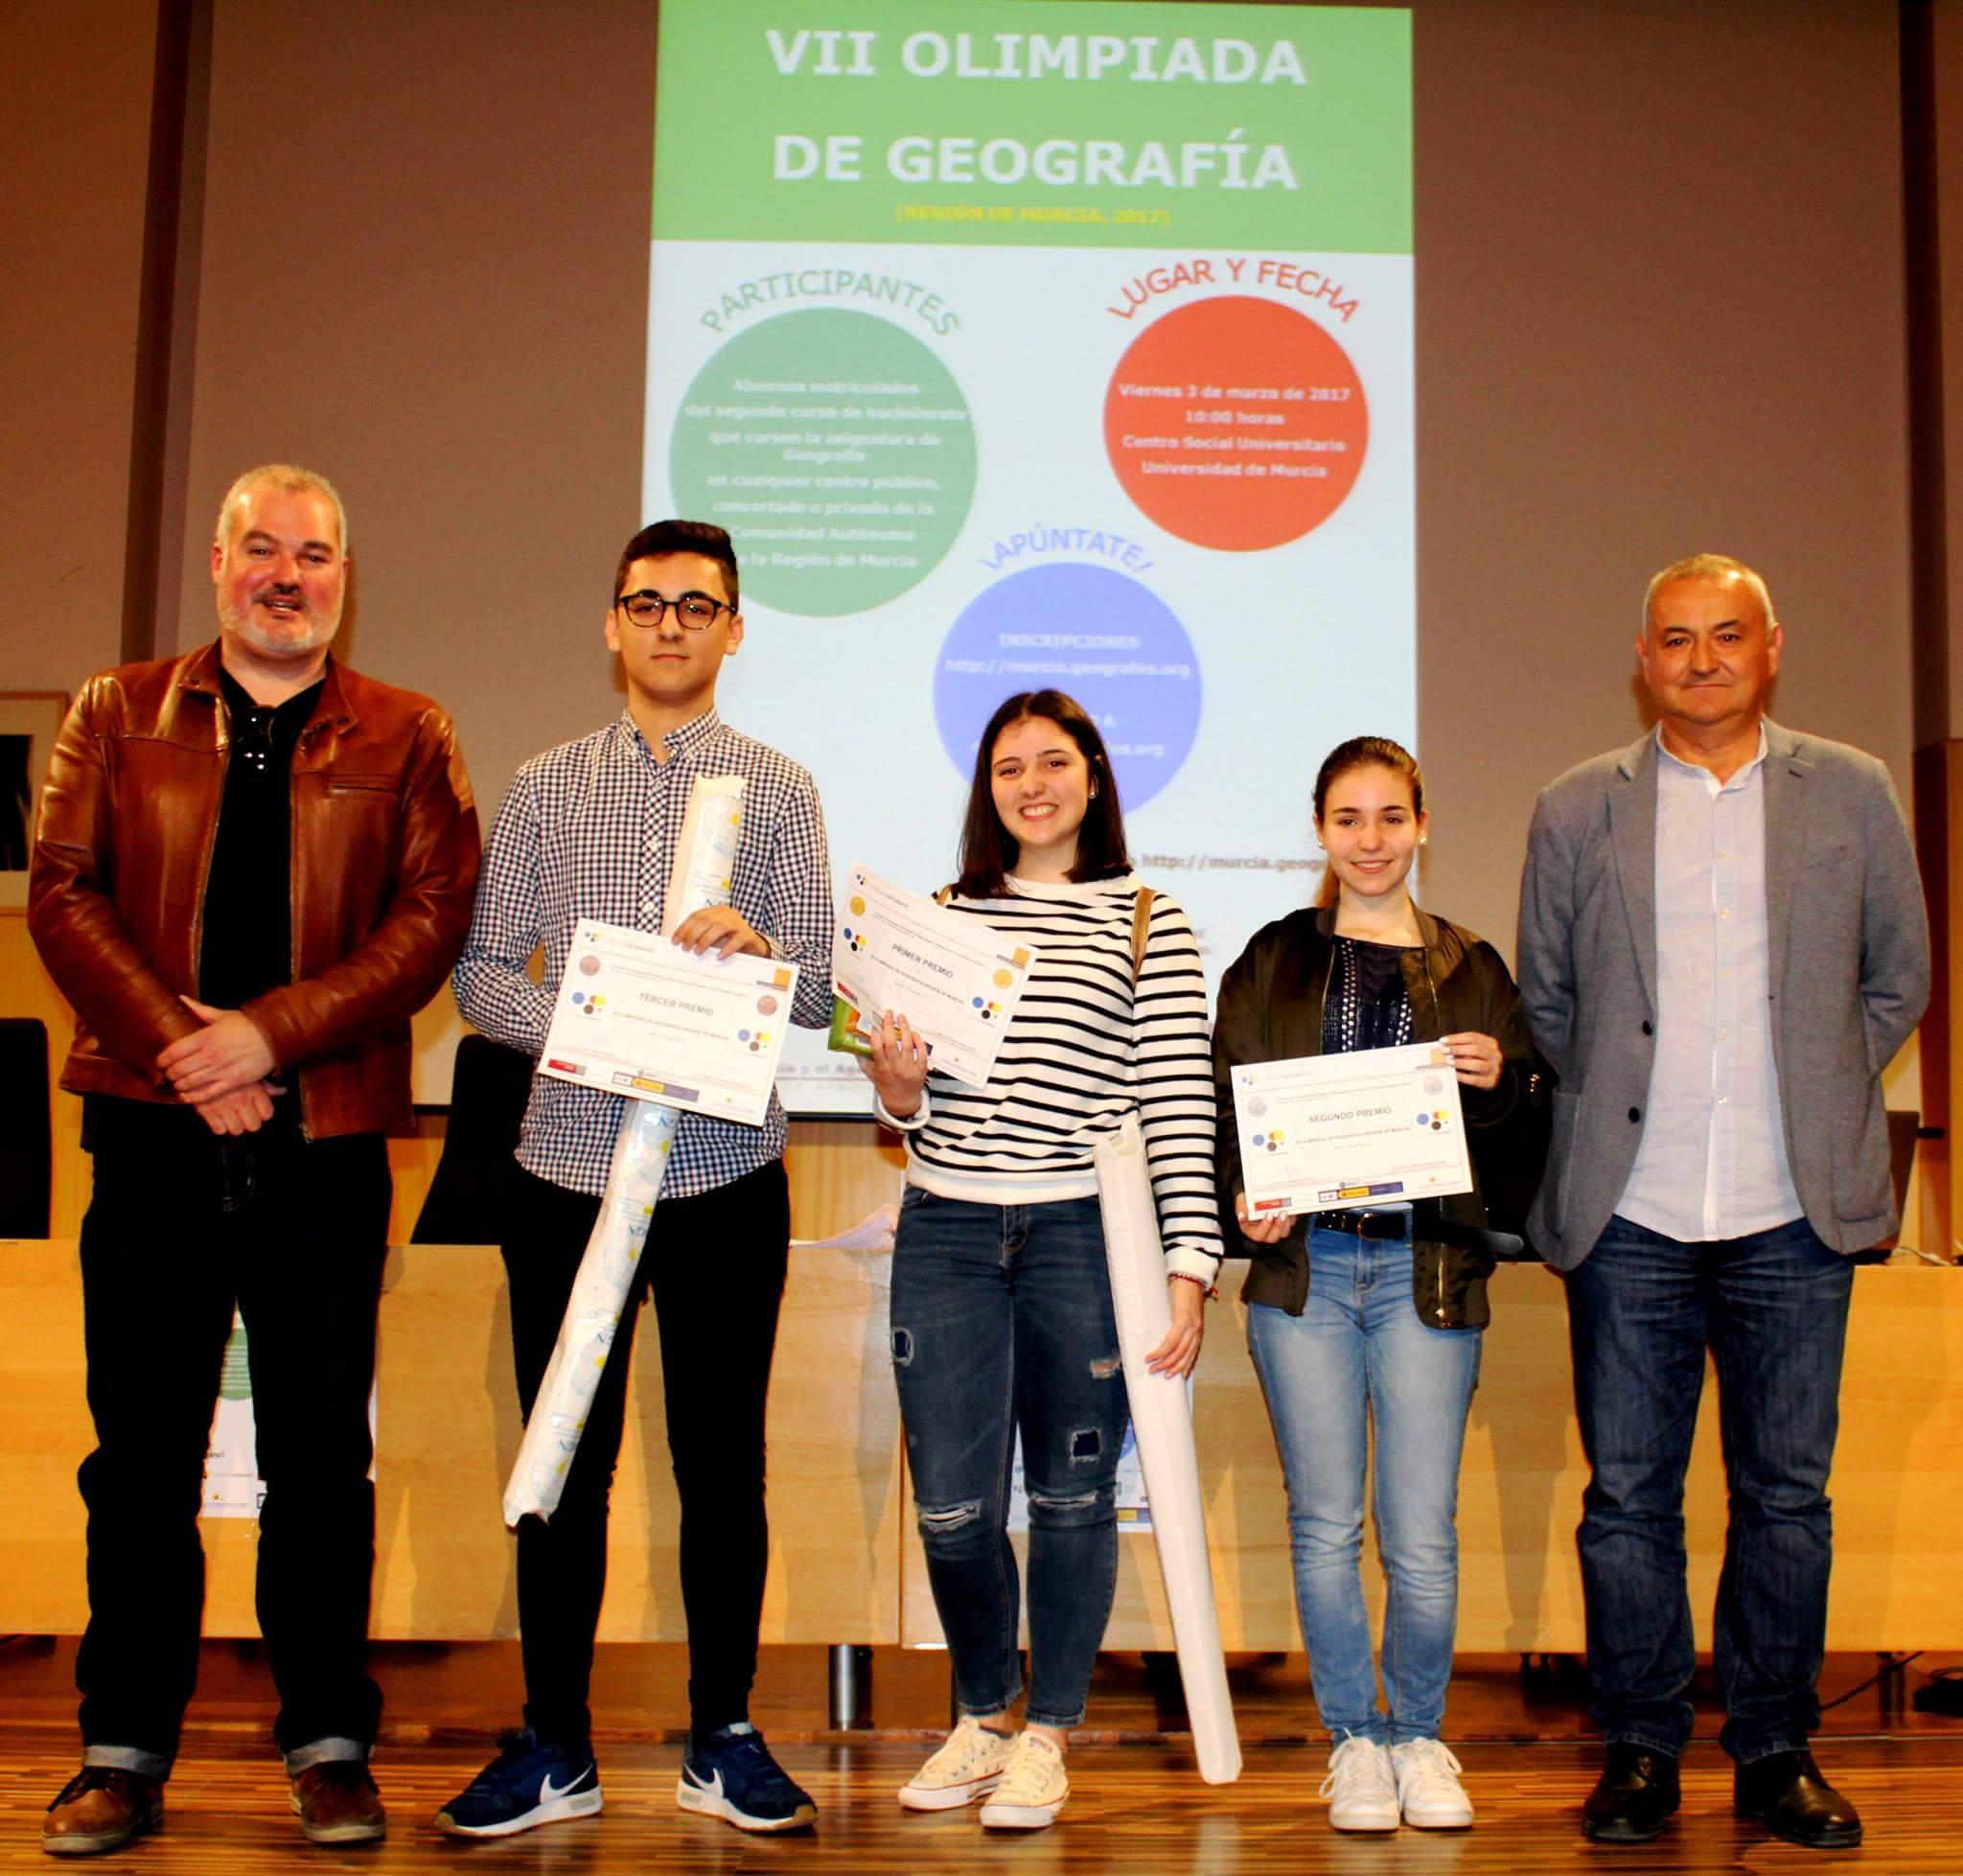 Los ganadores de la VII Olimpiada de Geografía de la Región de Murcia. Imagen: Colegio de Geógrafos en Murcia